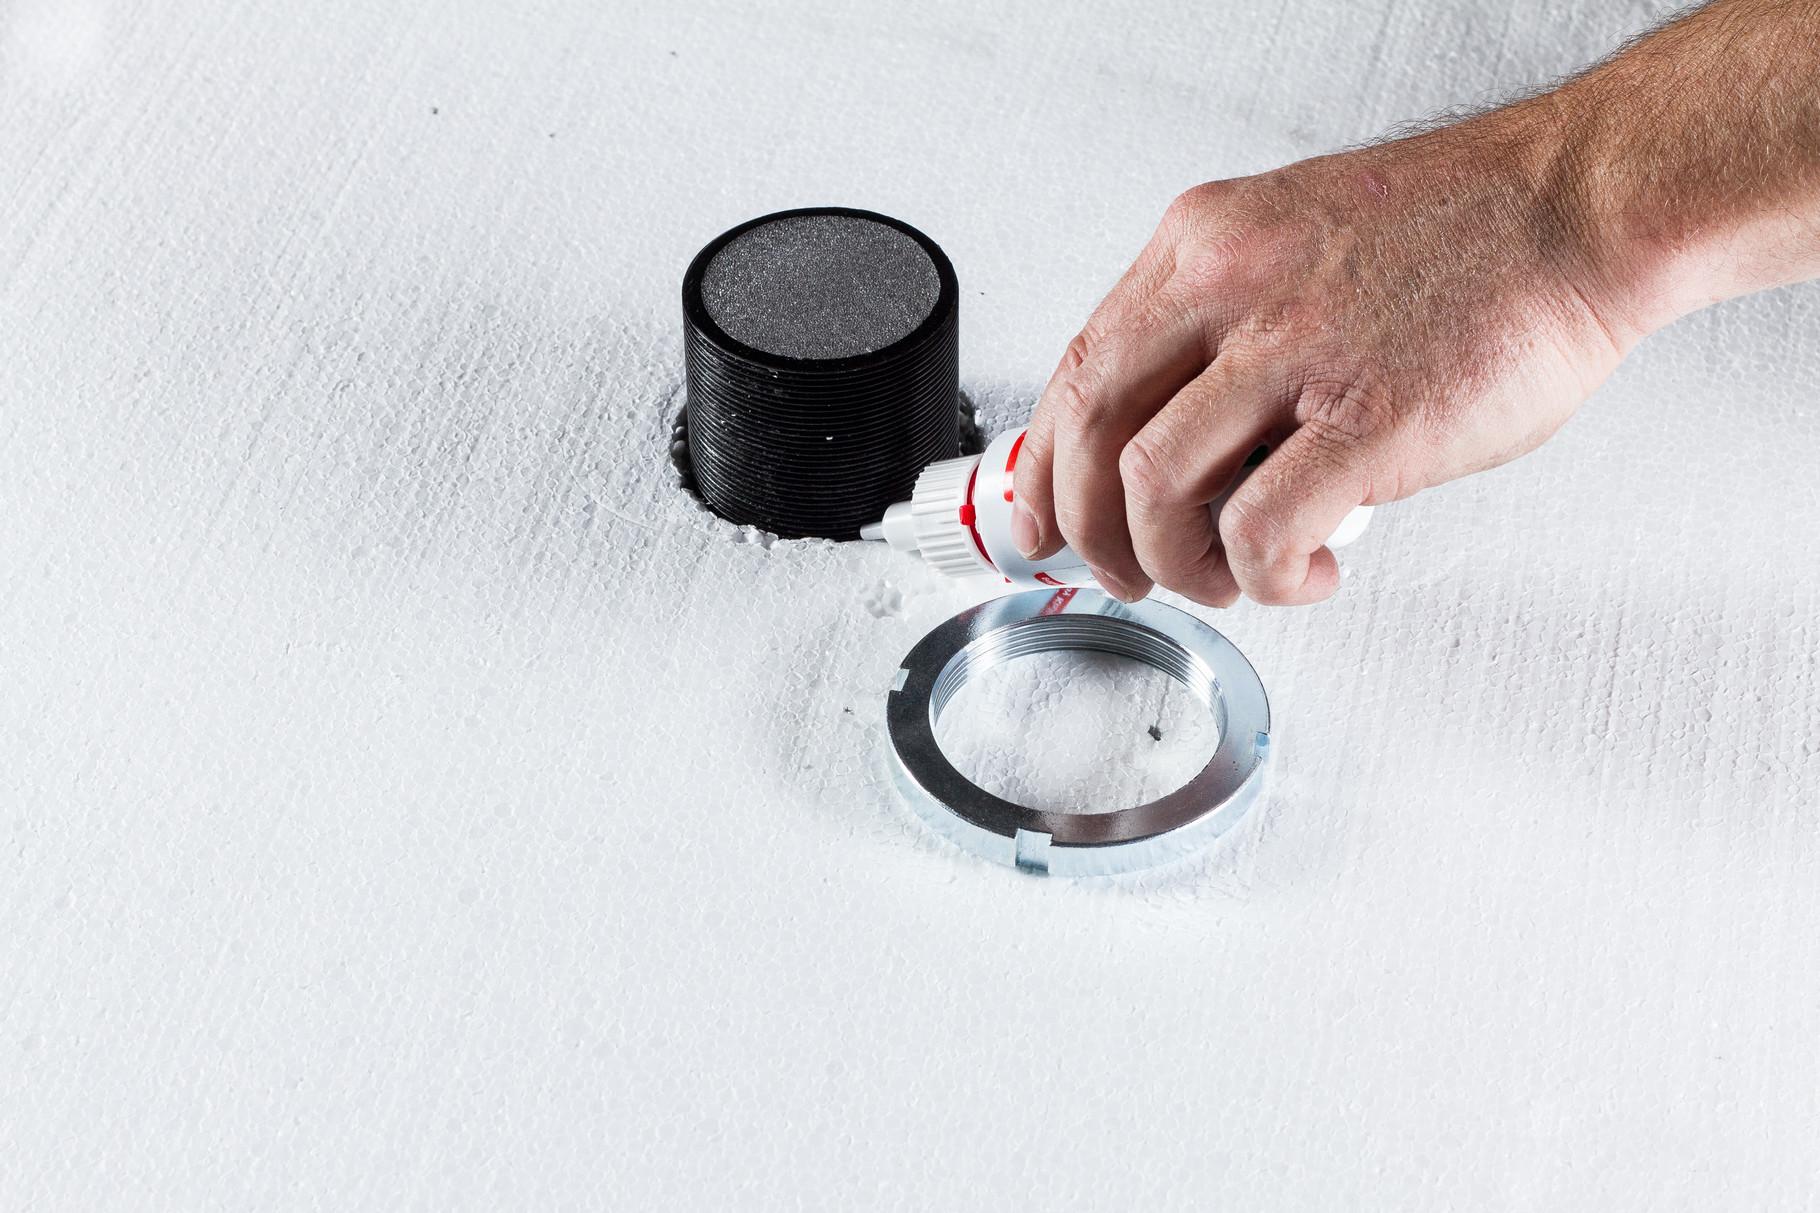 Nach Verlegung der Dämmung (Tipp: BefTec Handschneider für Dämmung) die Schraubensicherung (BefTec Werkzeugkoffer) auftragen.